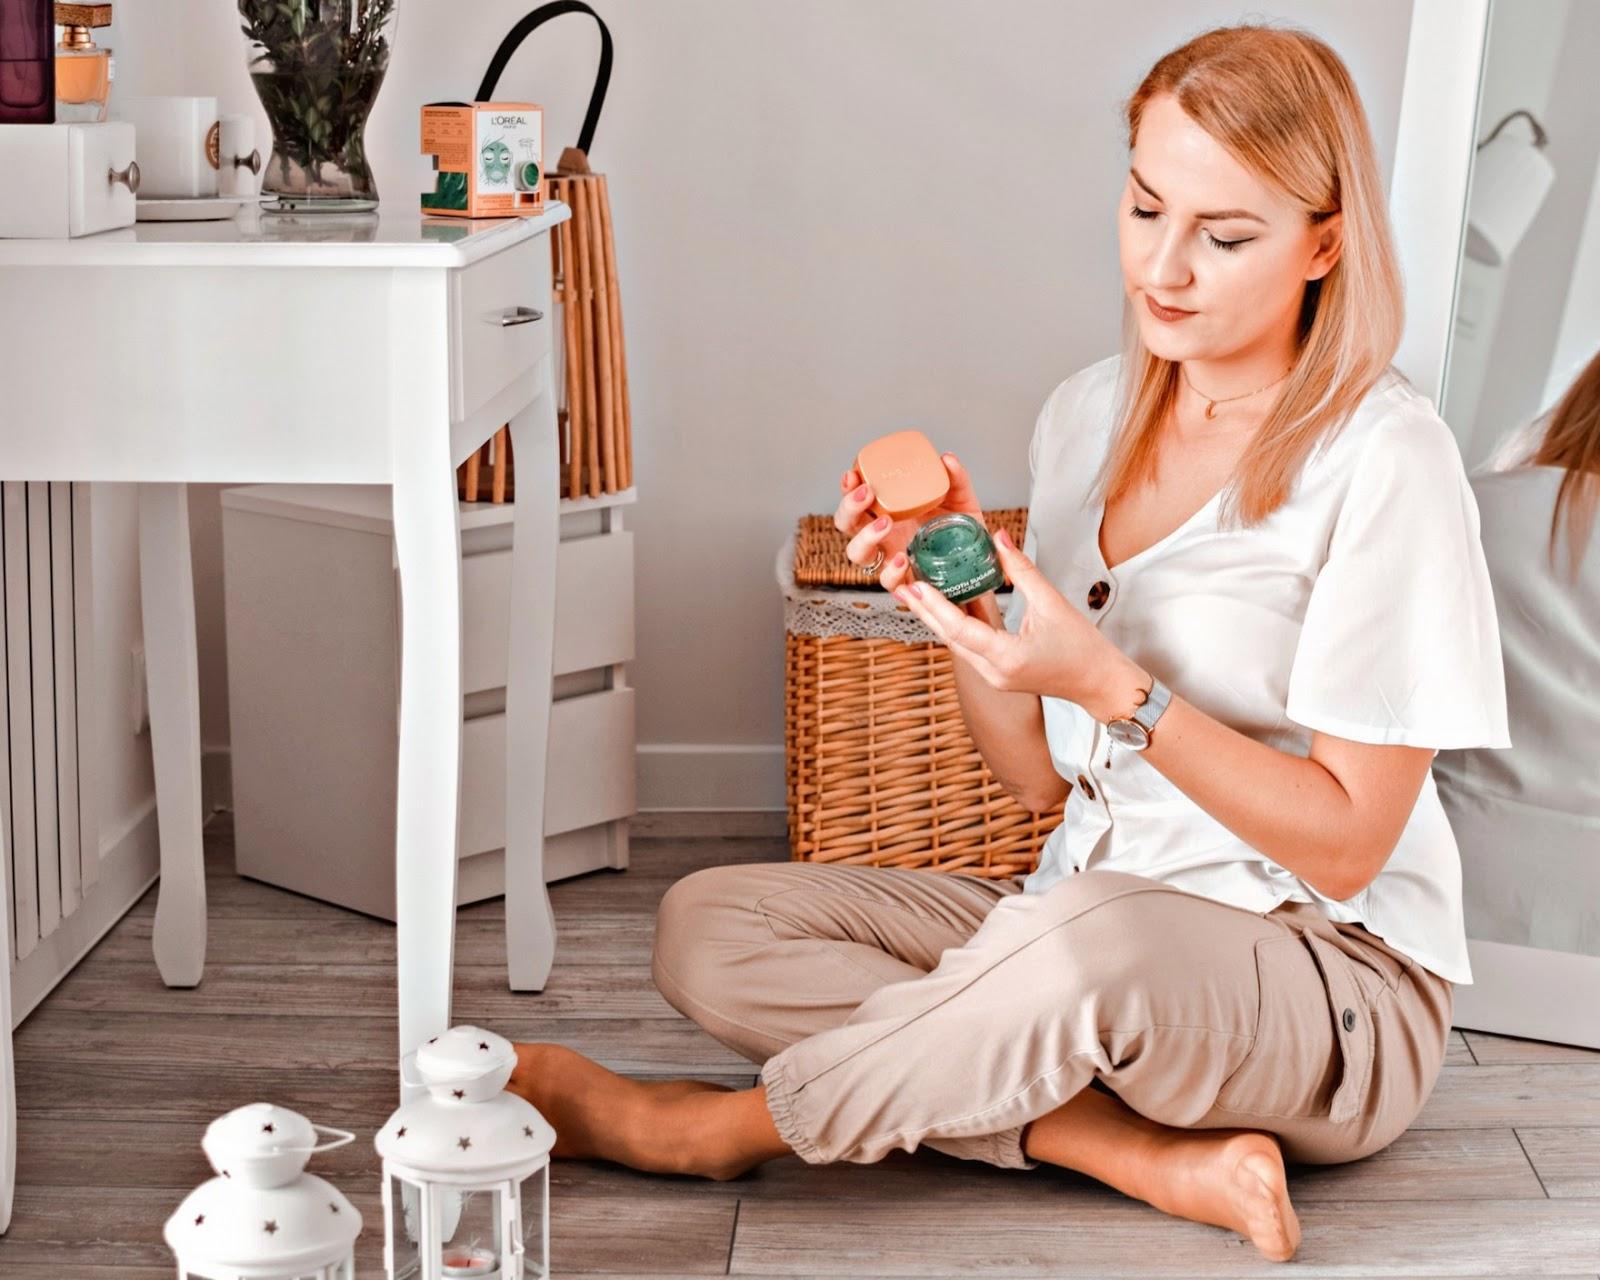 Oczyszczanie skóry z L'oreal Paris Smooth Sugars Scrub